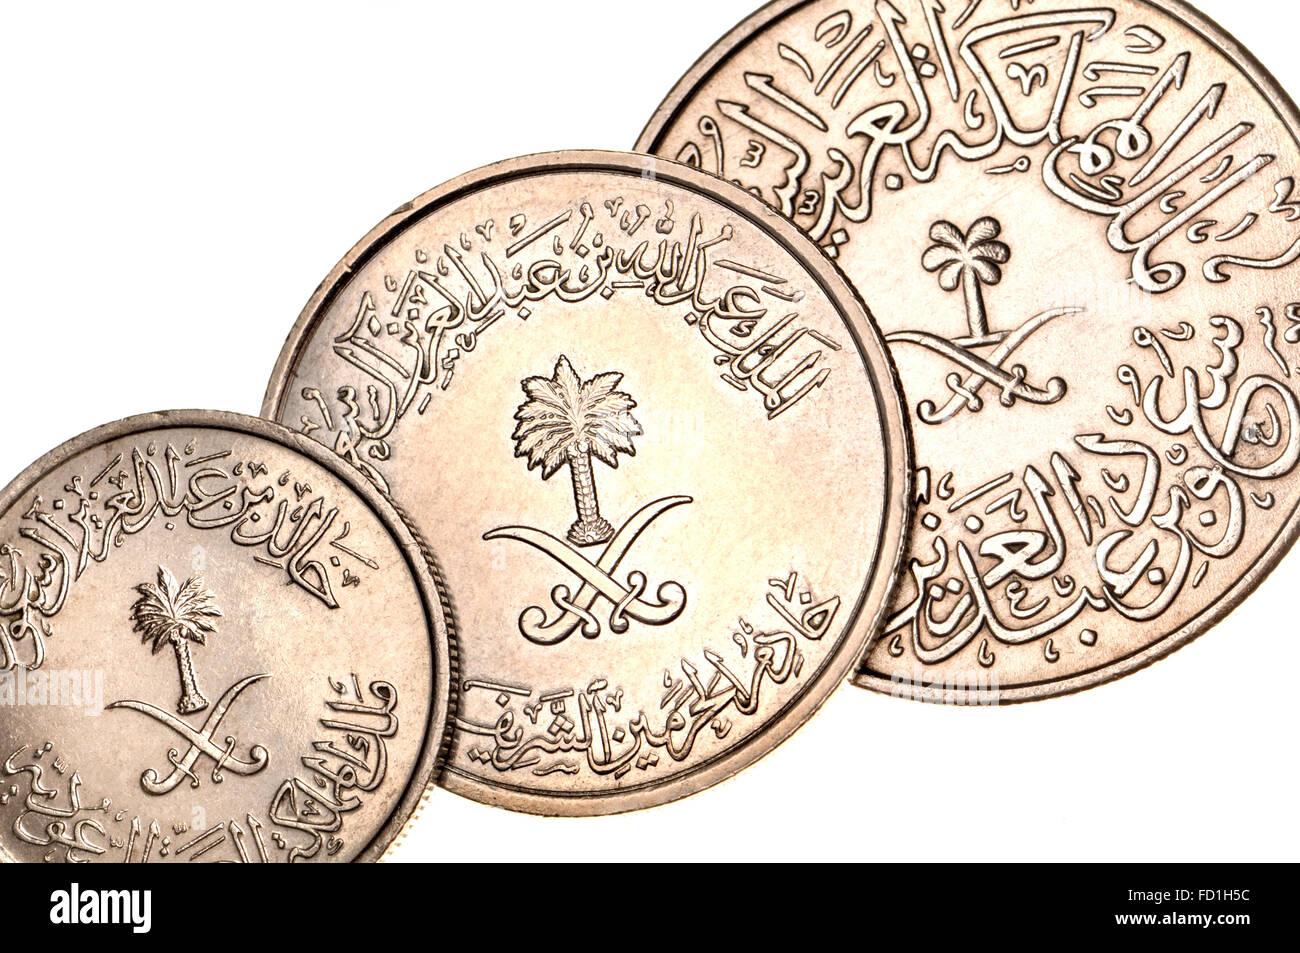 Las monedas de Arabia Saudita mostrando escritura árabe oriental y los numerales, palmera y espadas cruzadas Imagen De Stock